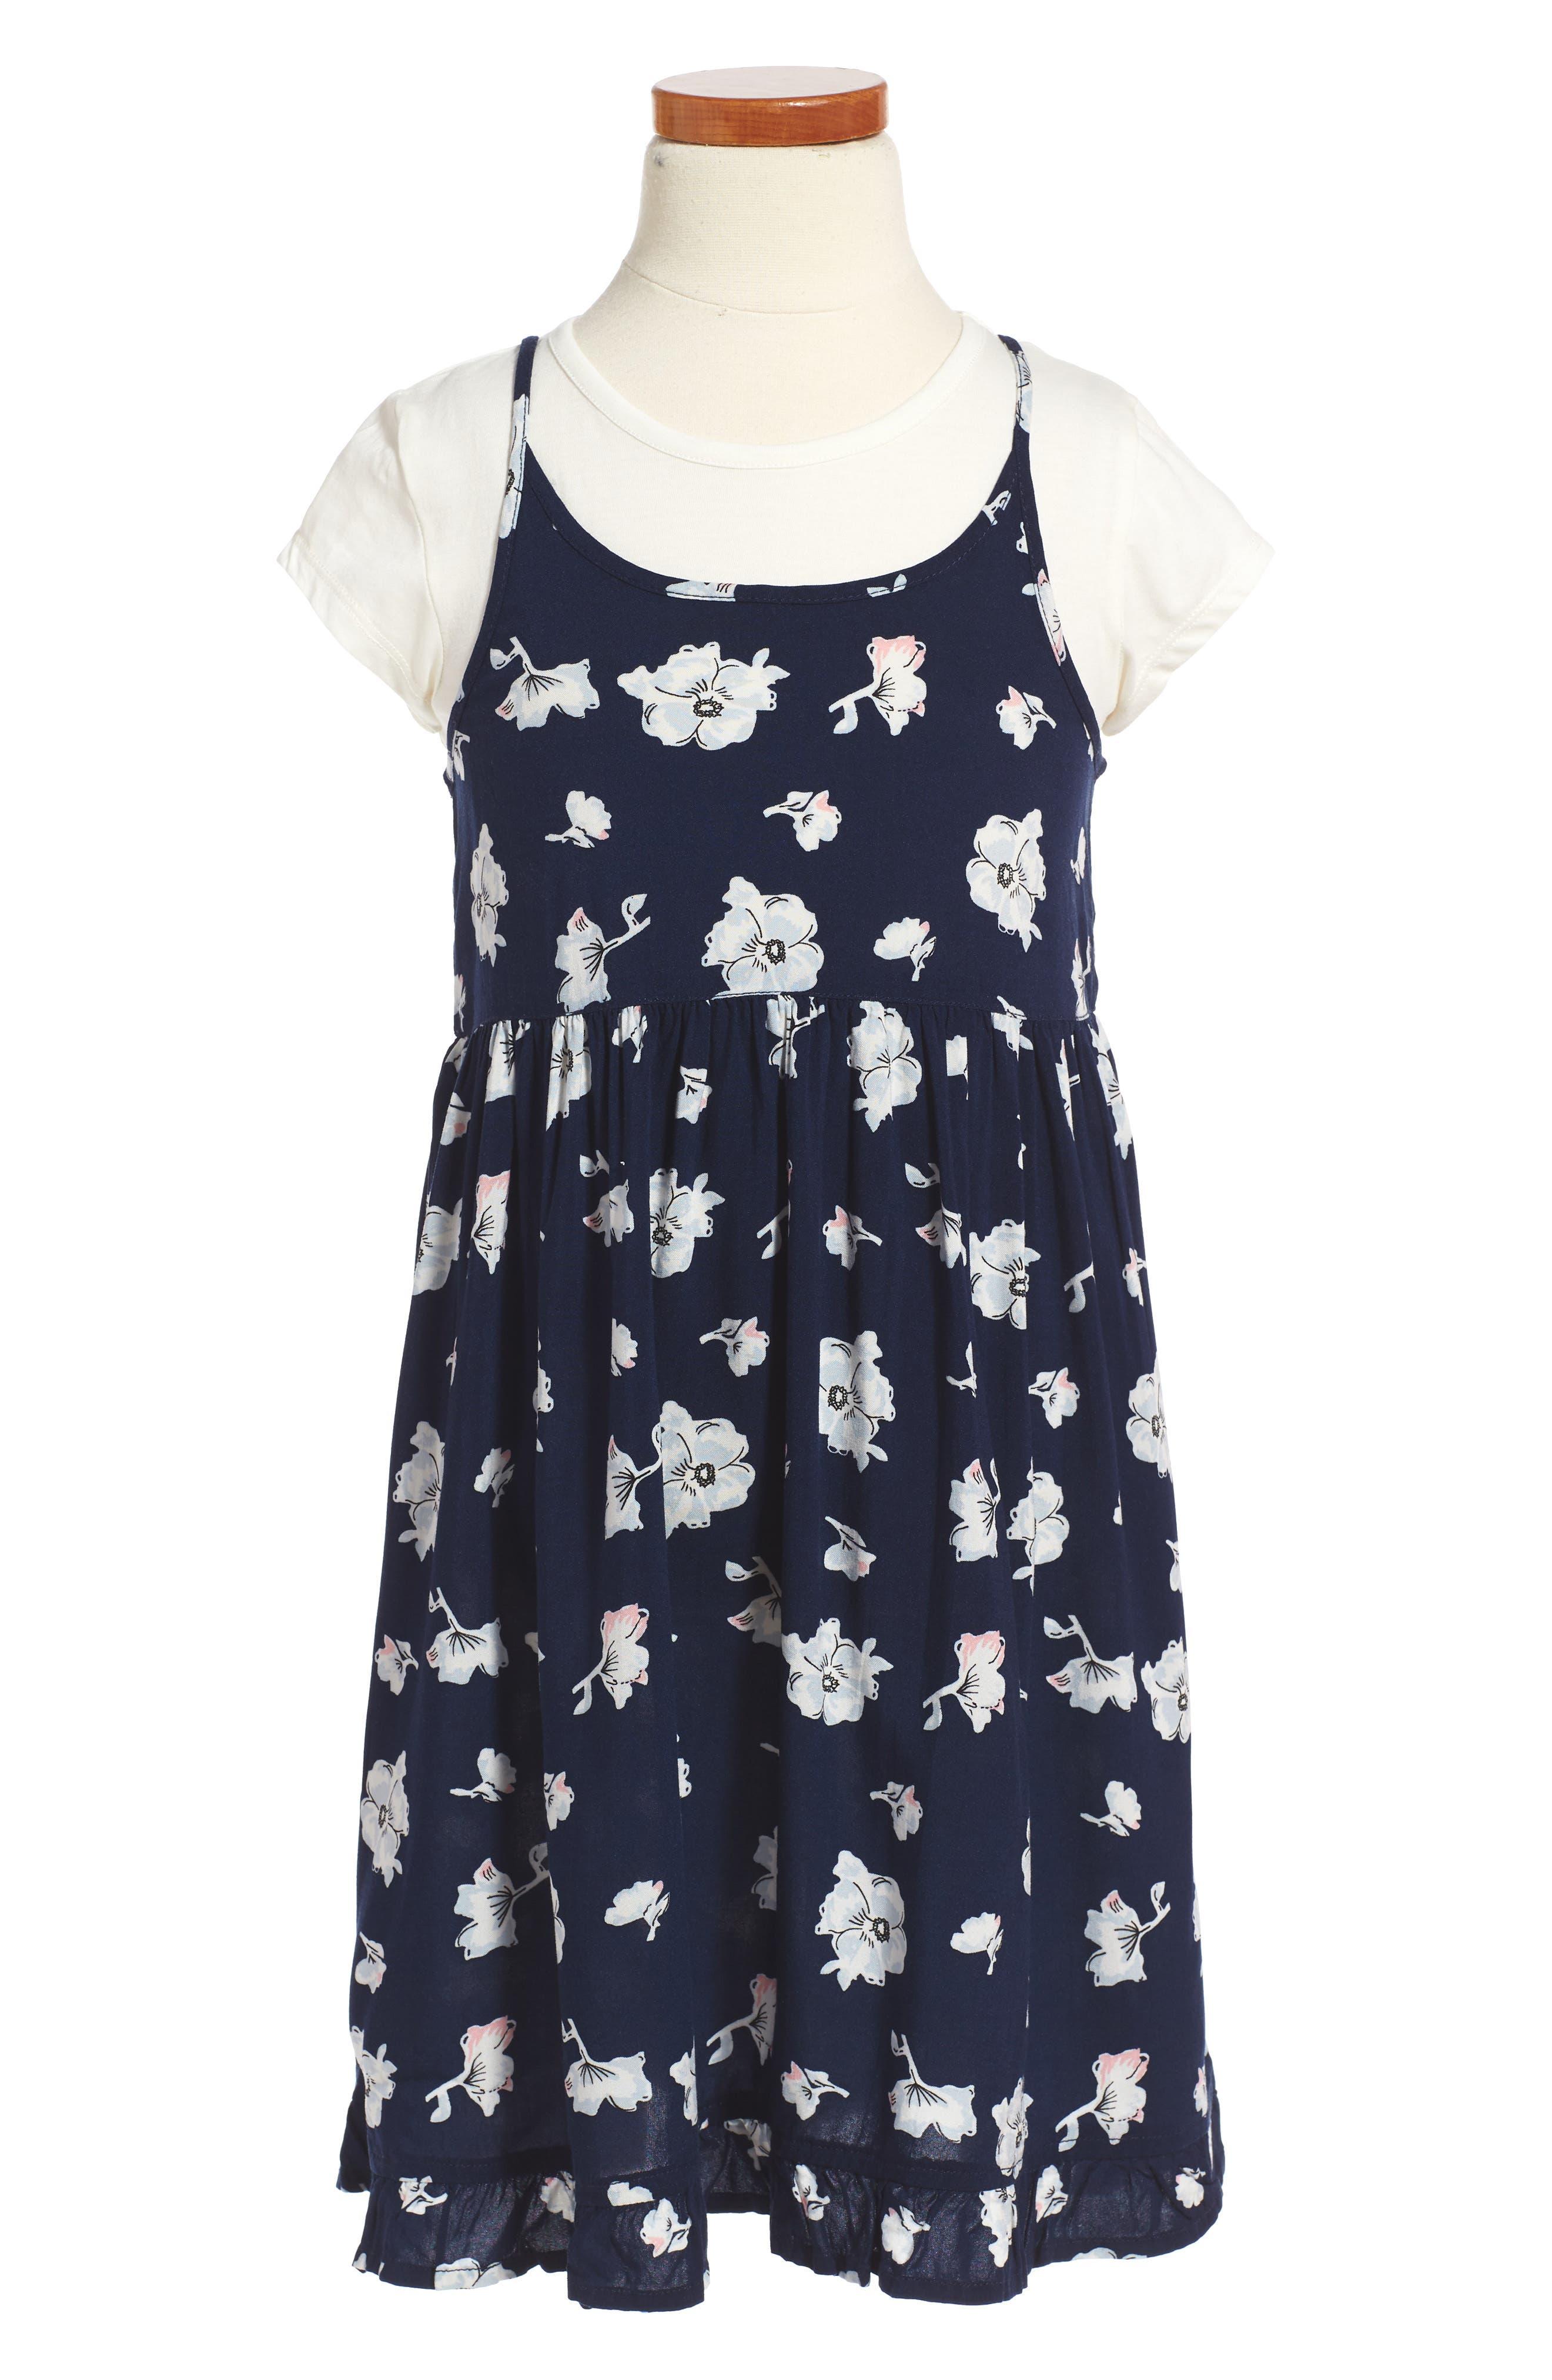 Alternate Image 1 Selected - Tucker + Tate Easy Tee & Dress Set (Toddler Girls, Little Girls & Big Girls)